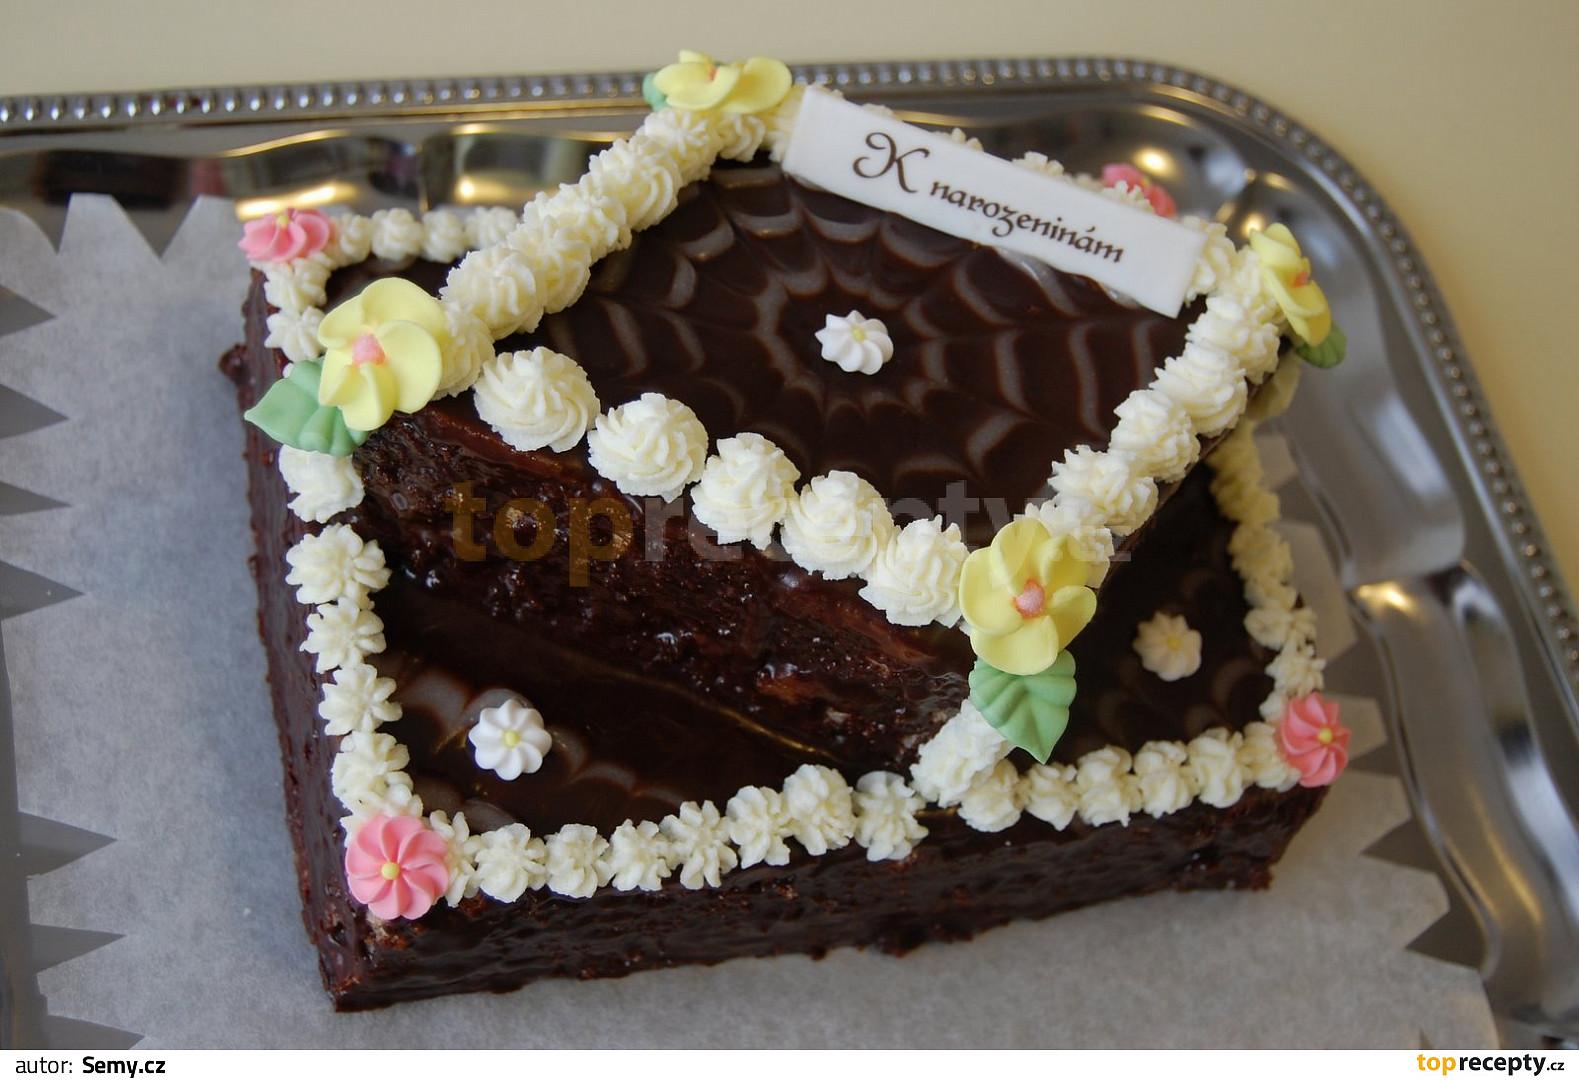 dort k narozeninám Ořechový dort k narozeninám recept   TopRecepty.cz dort k narozeninám